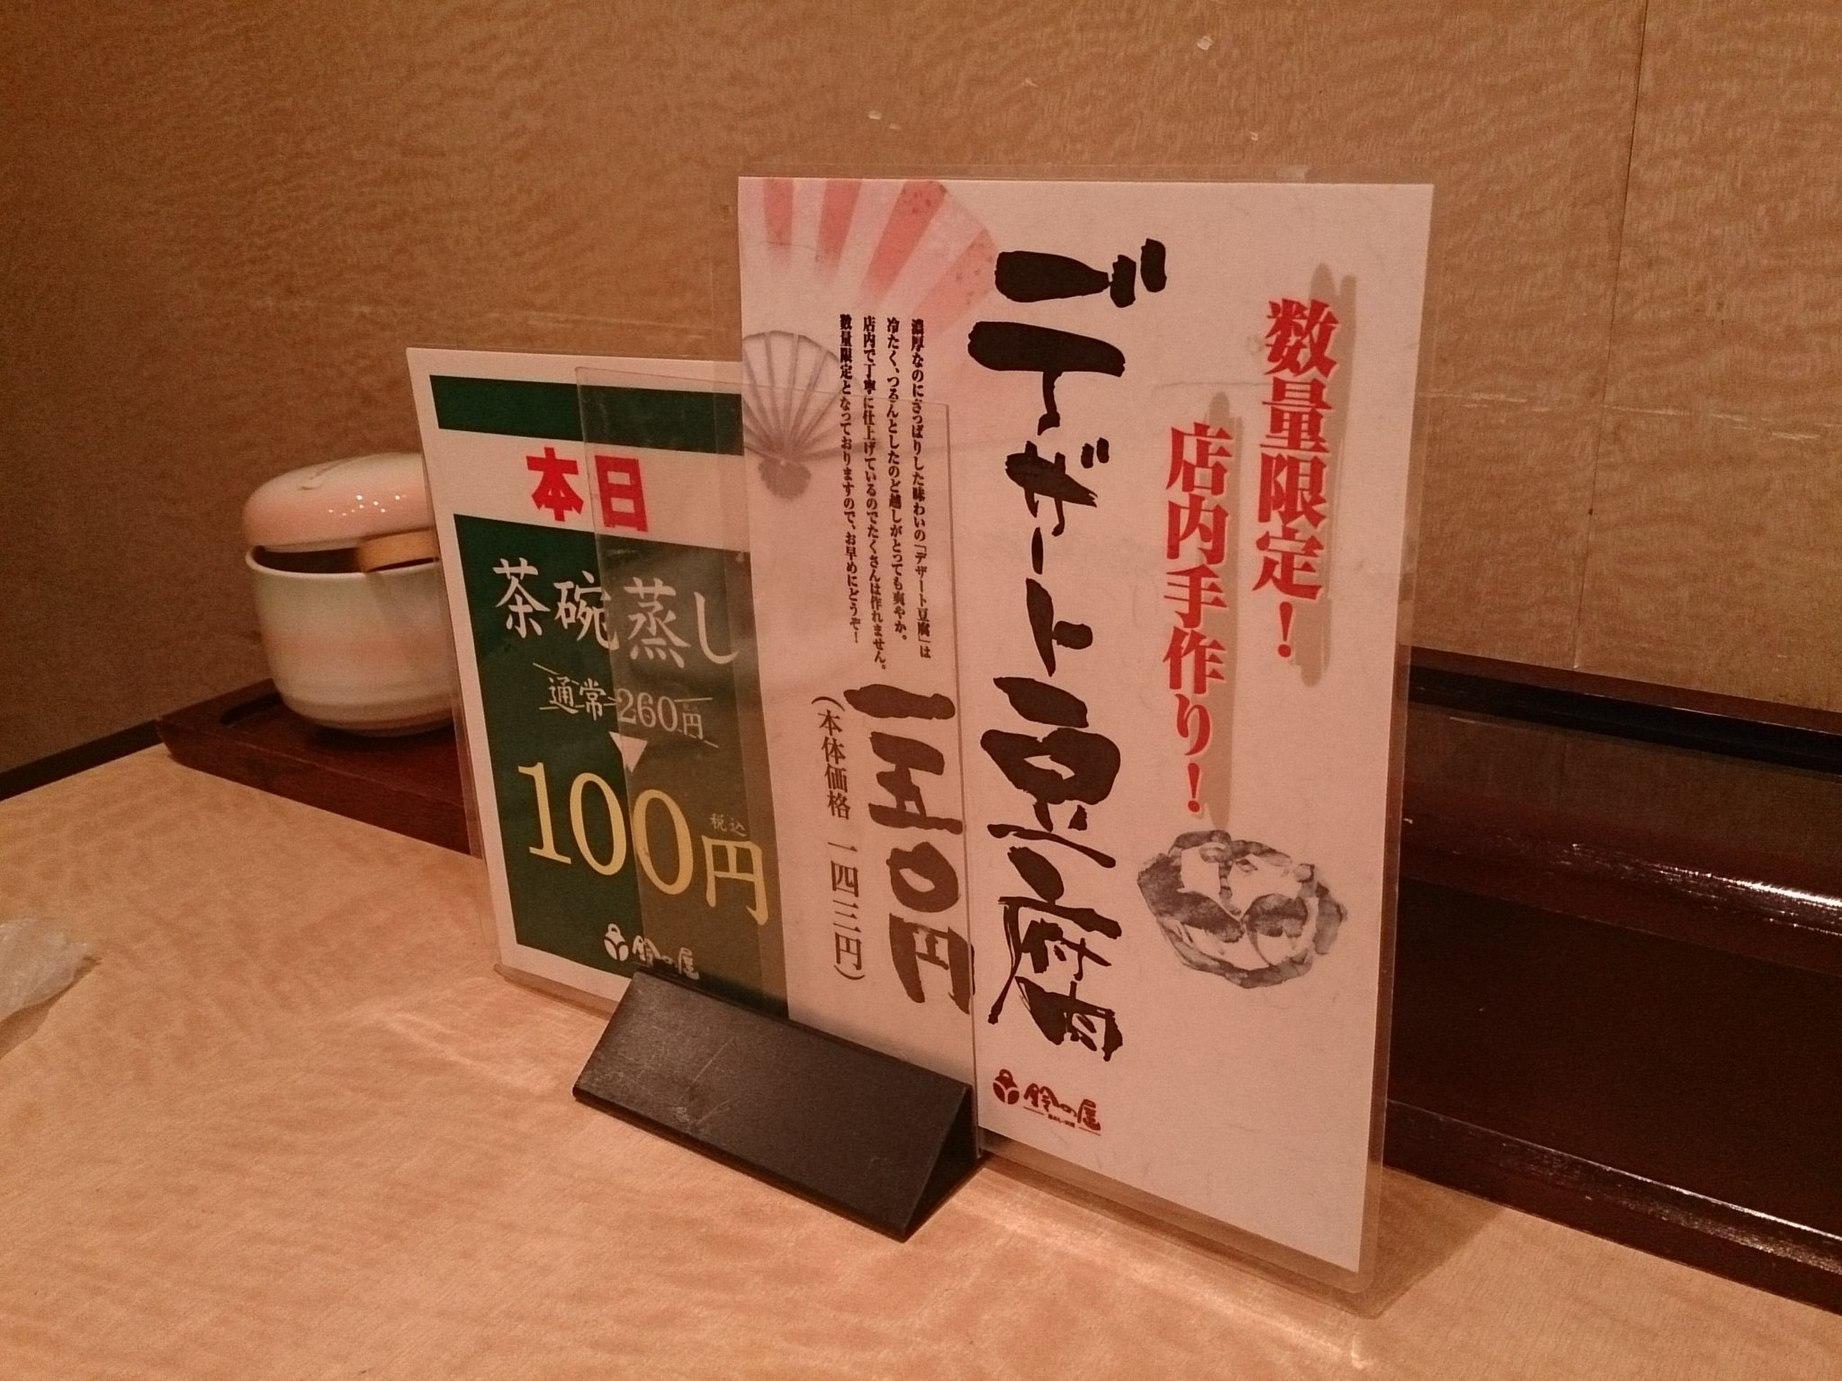 鈴の屋 北名古屋店